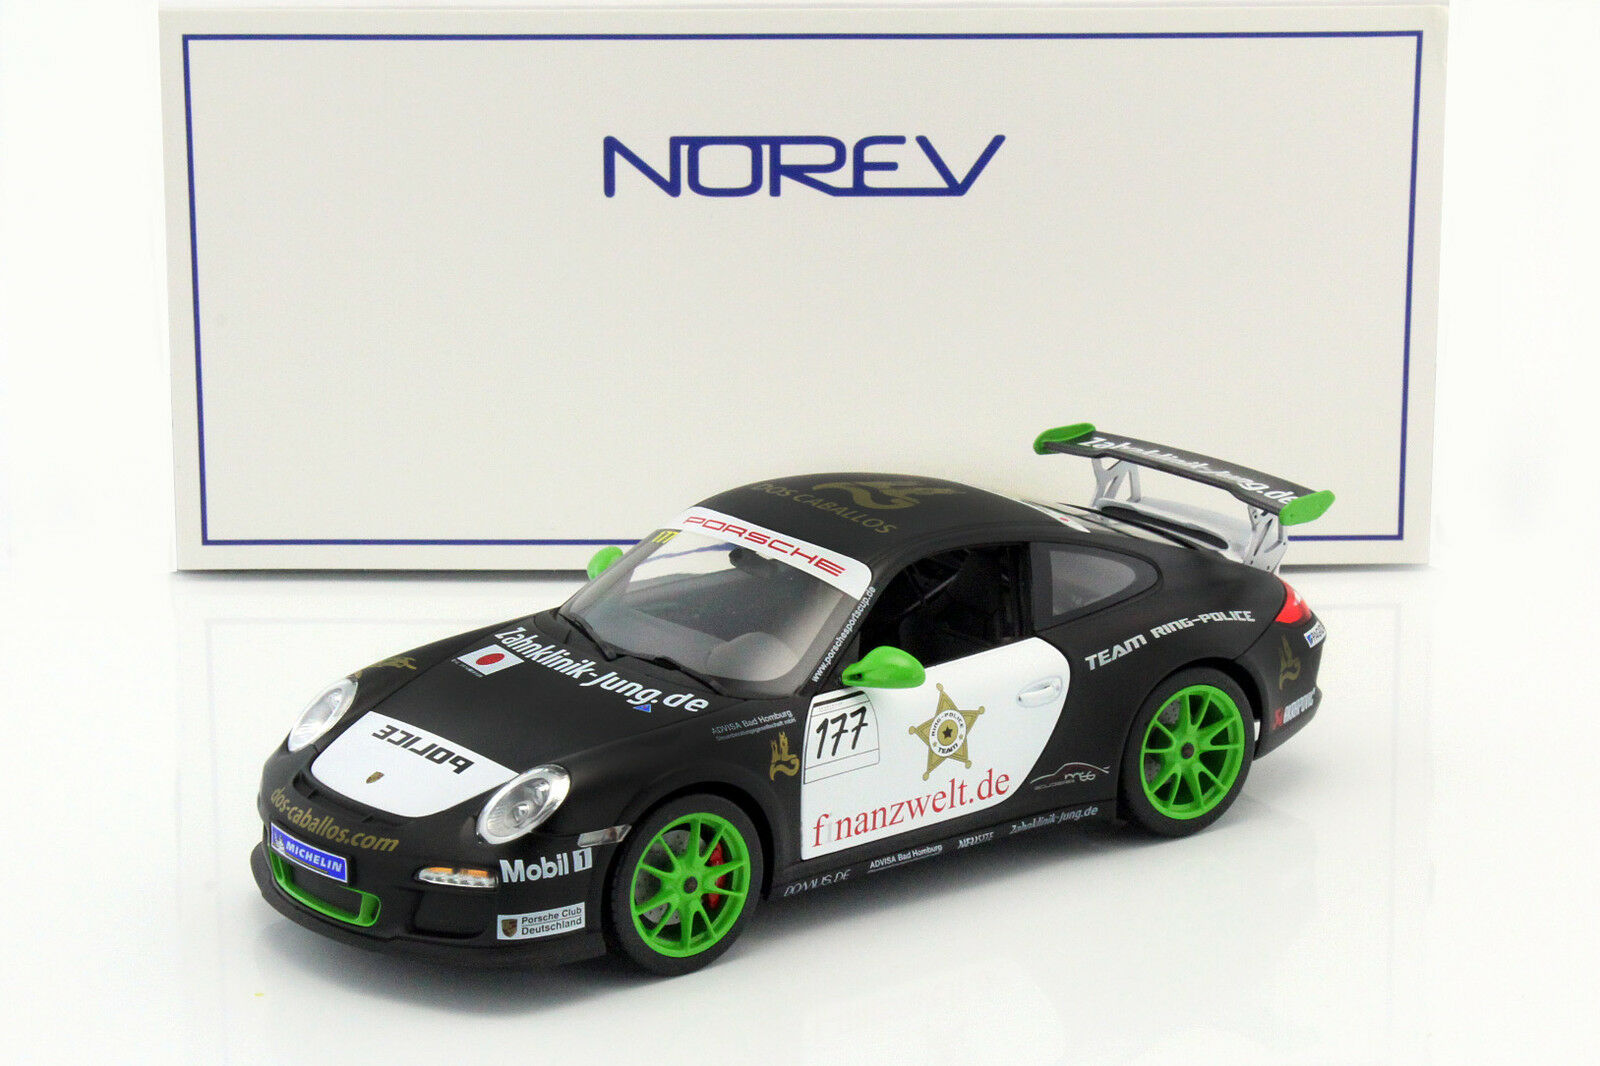 Porsche 911 gt3 rs  177 équipe équipe équipe Bague police Sportscup 2011 1 18 Norev 09ef58